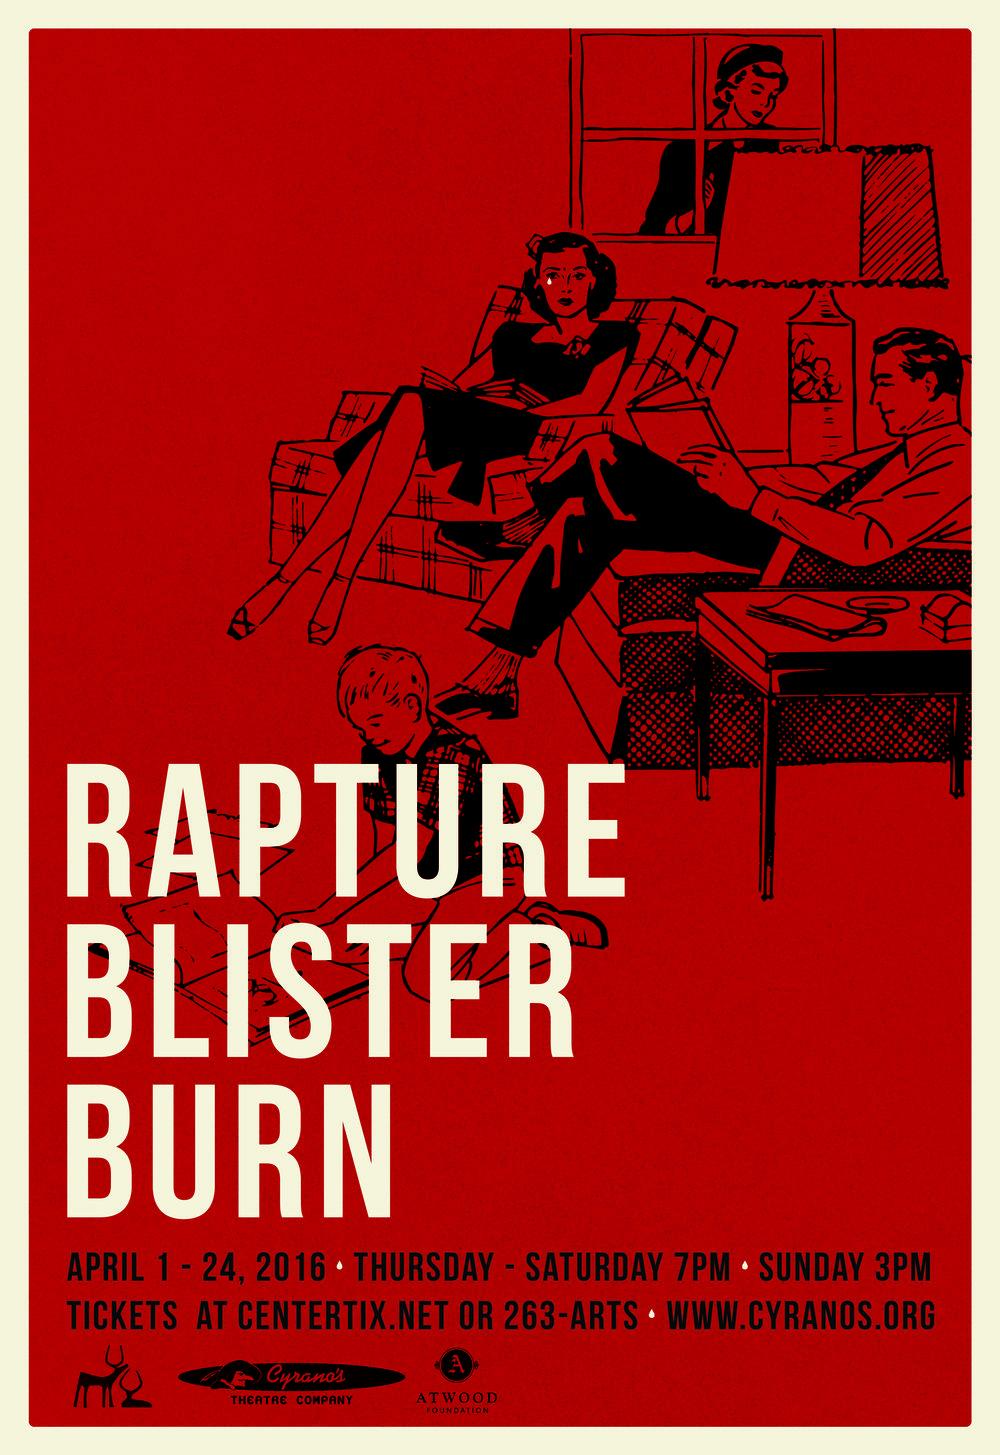 RaptureBlisterBurn_Poster_v2_3.8.jpg